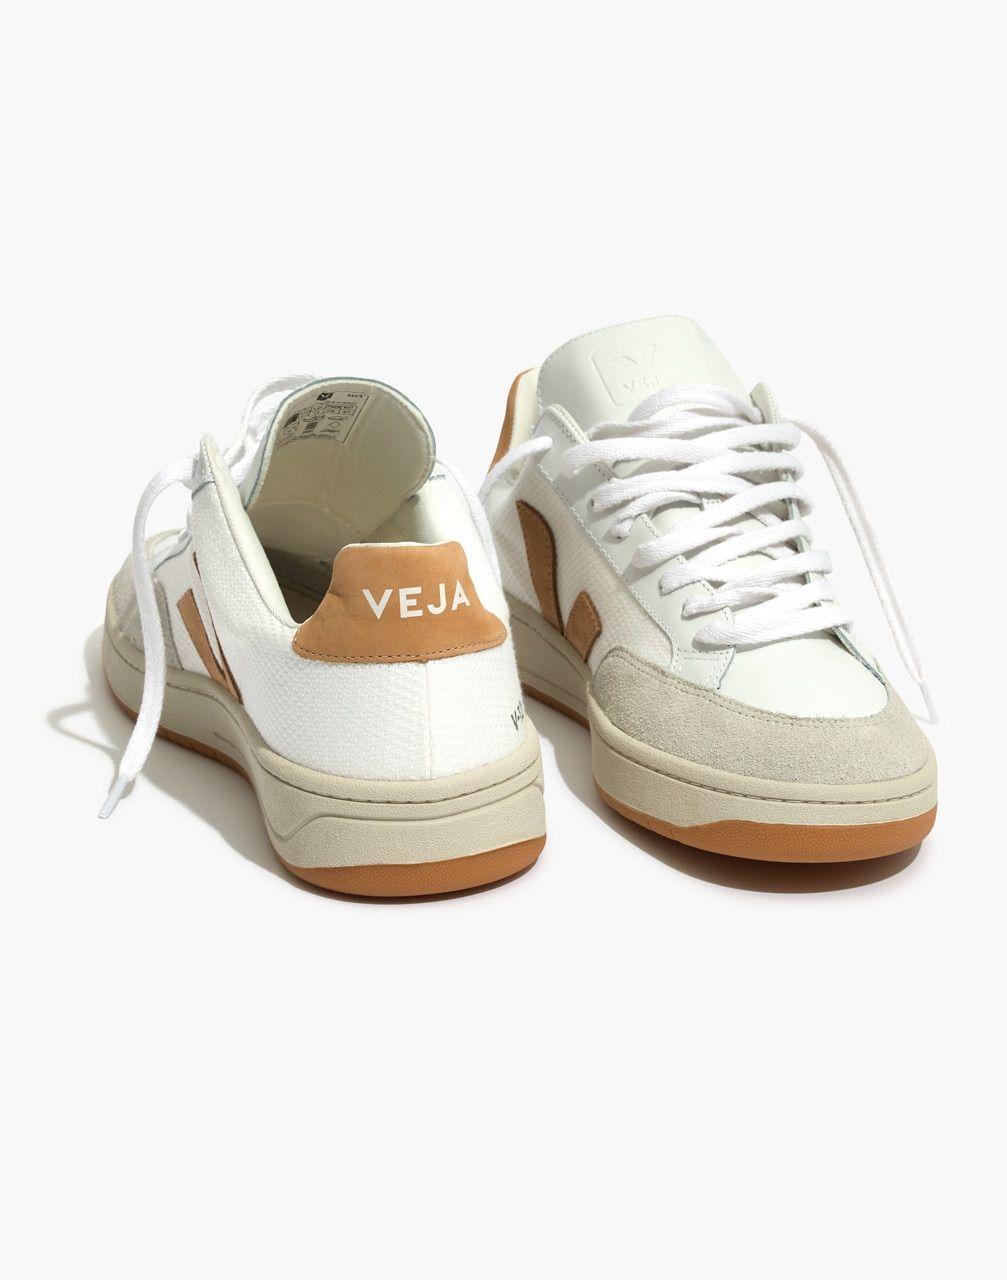 Veja™ Men's V-12 Sneakers | Sneakers